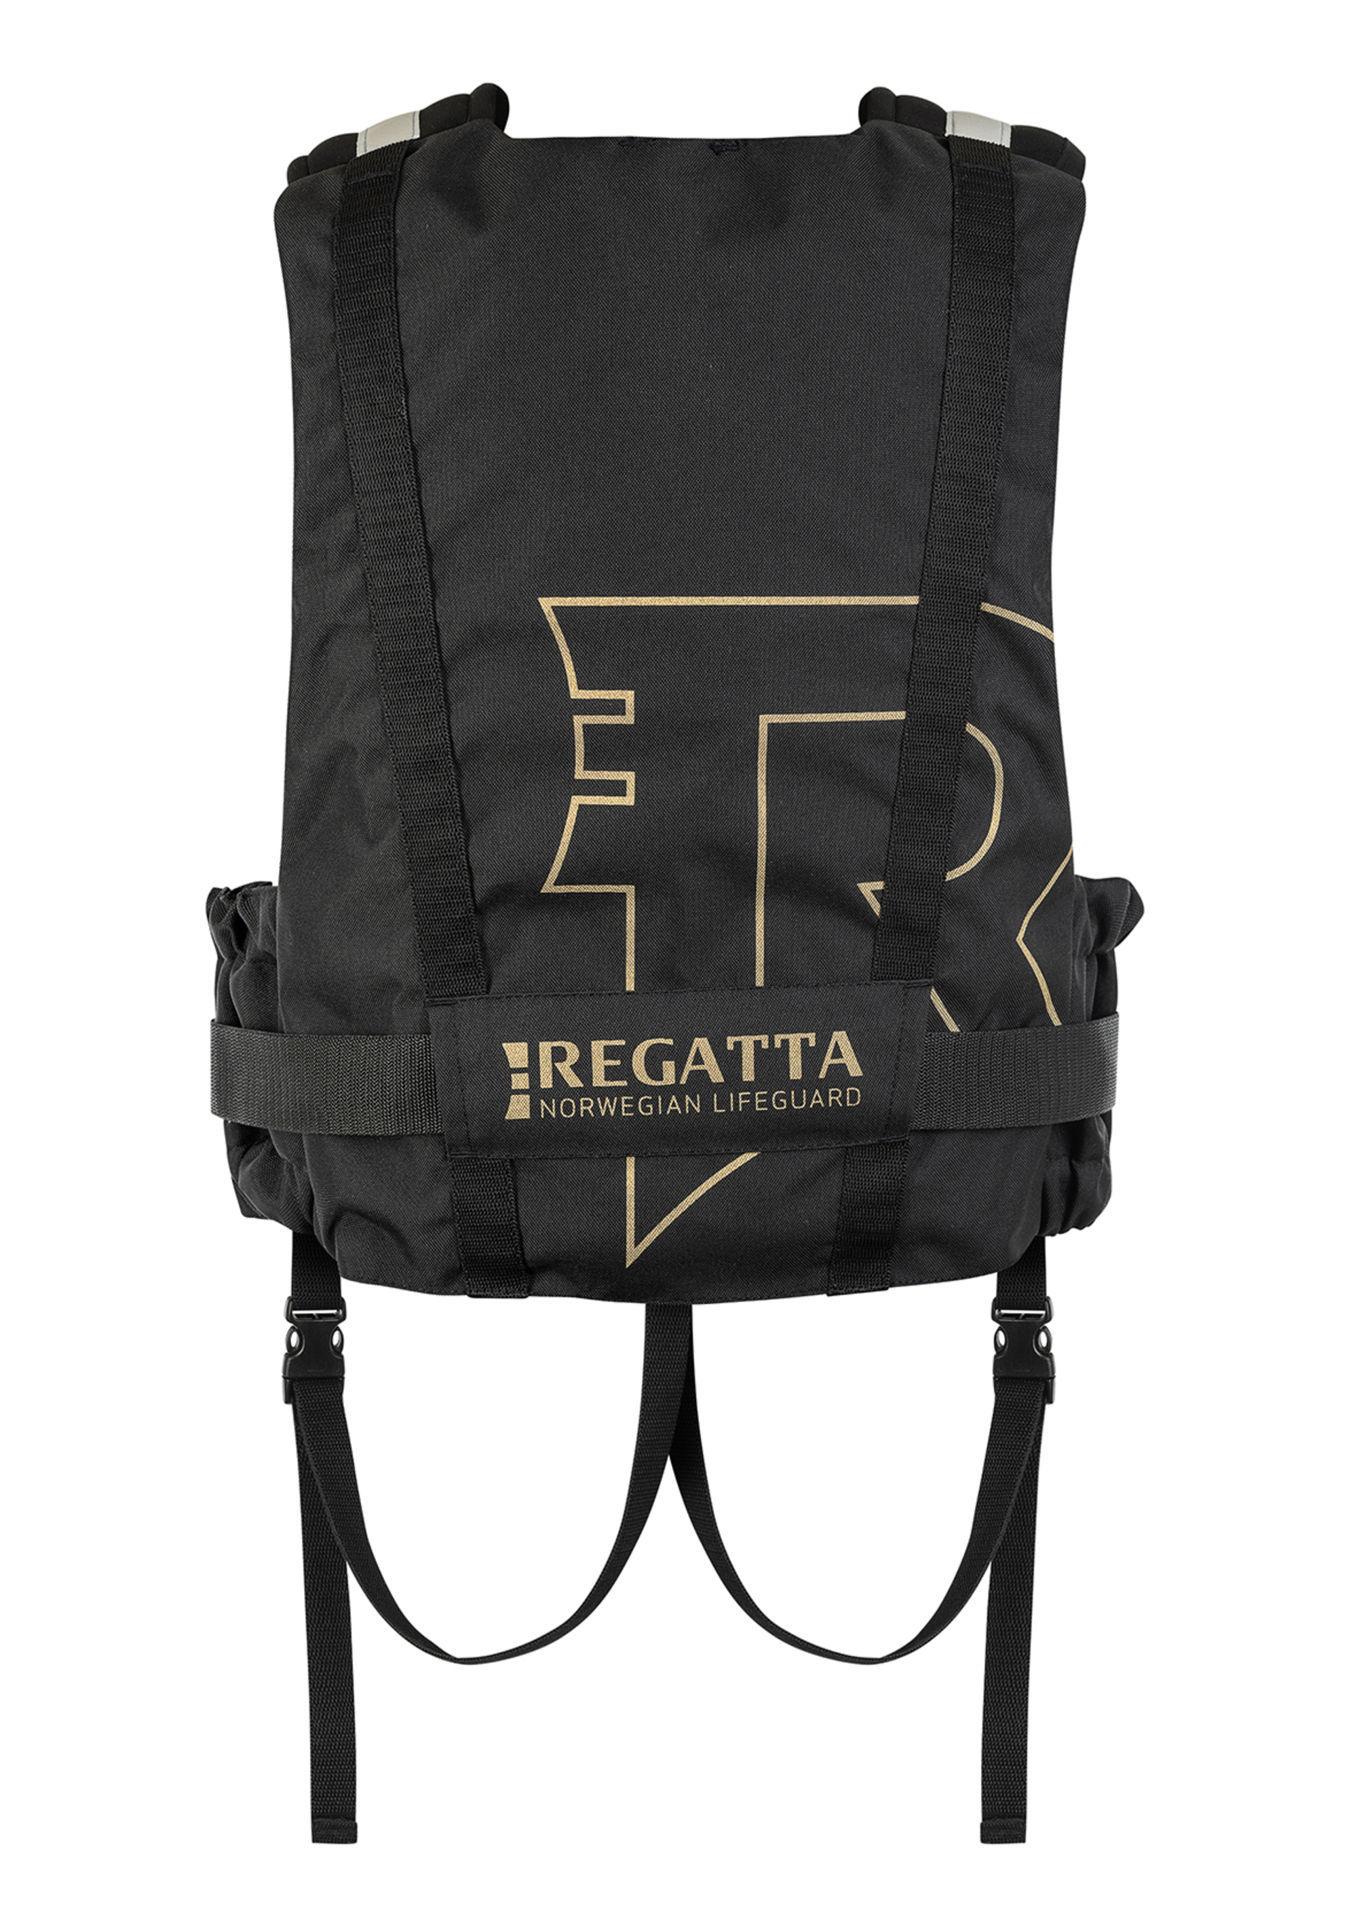 Bilde av Regatta Action Explorer Flytevest Gold